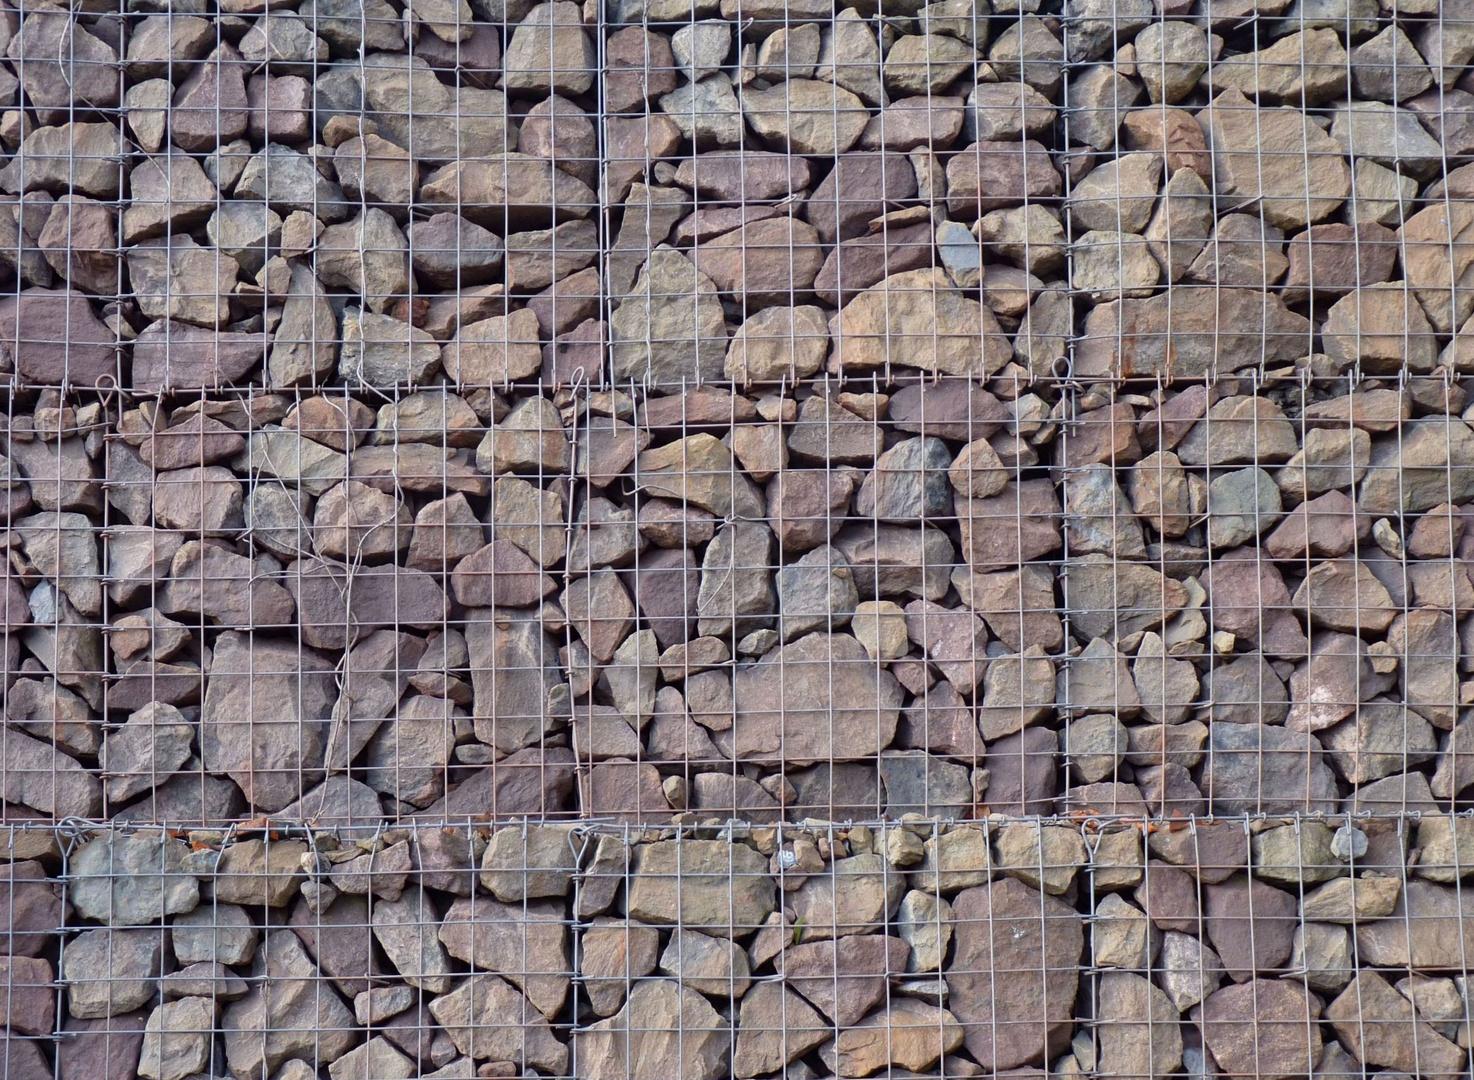 Naturstein im Käfig